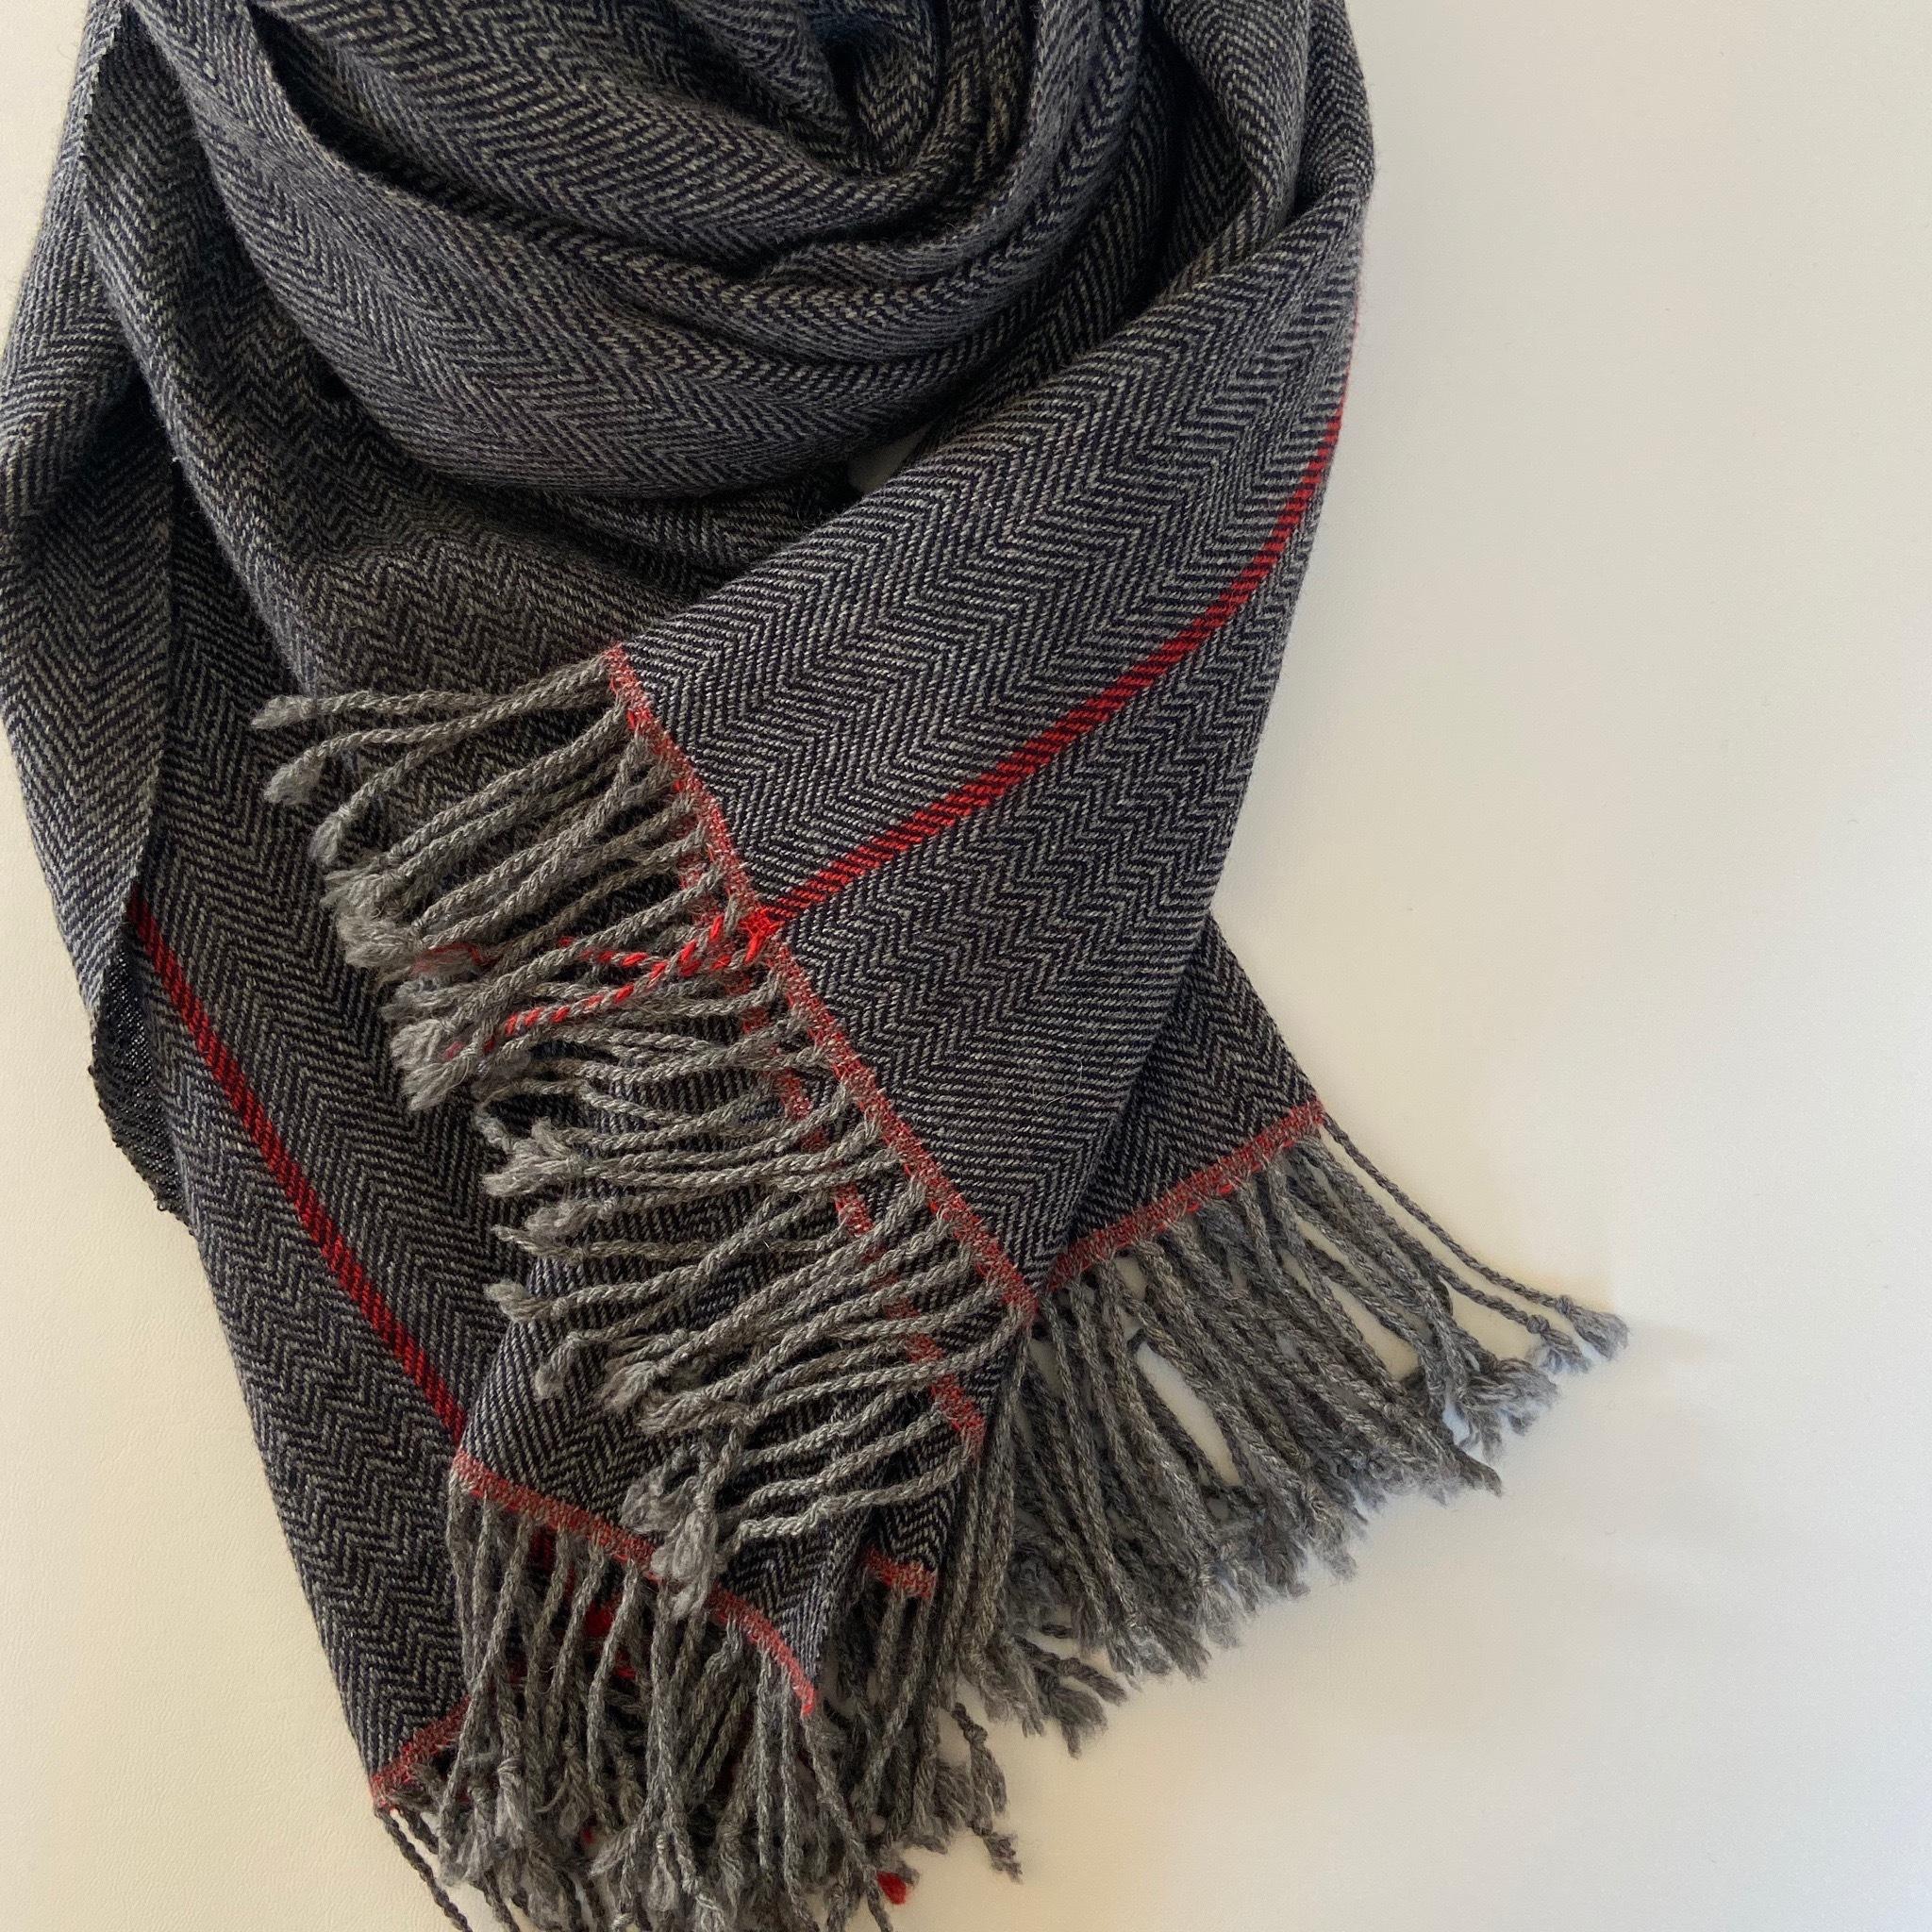 手織りカシミヤラムウールショール(ワンポイントラインとヘリンボーン/Red line & Herringbone)